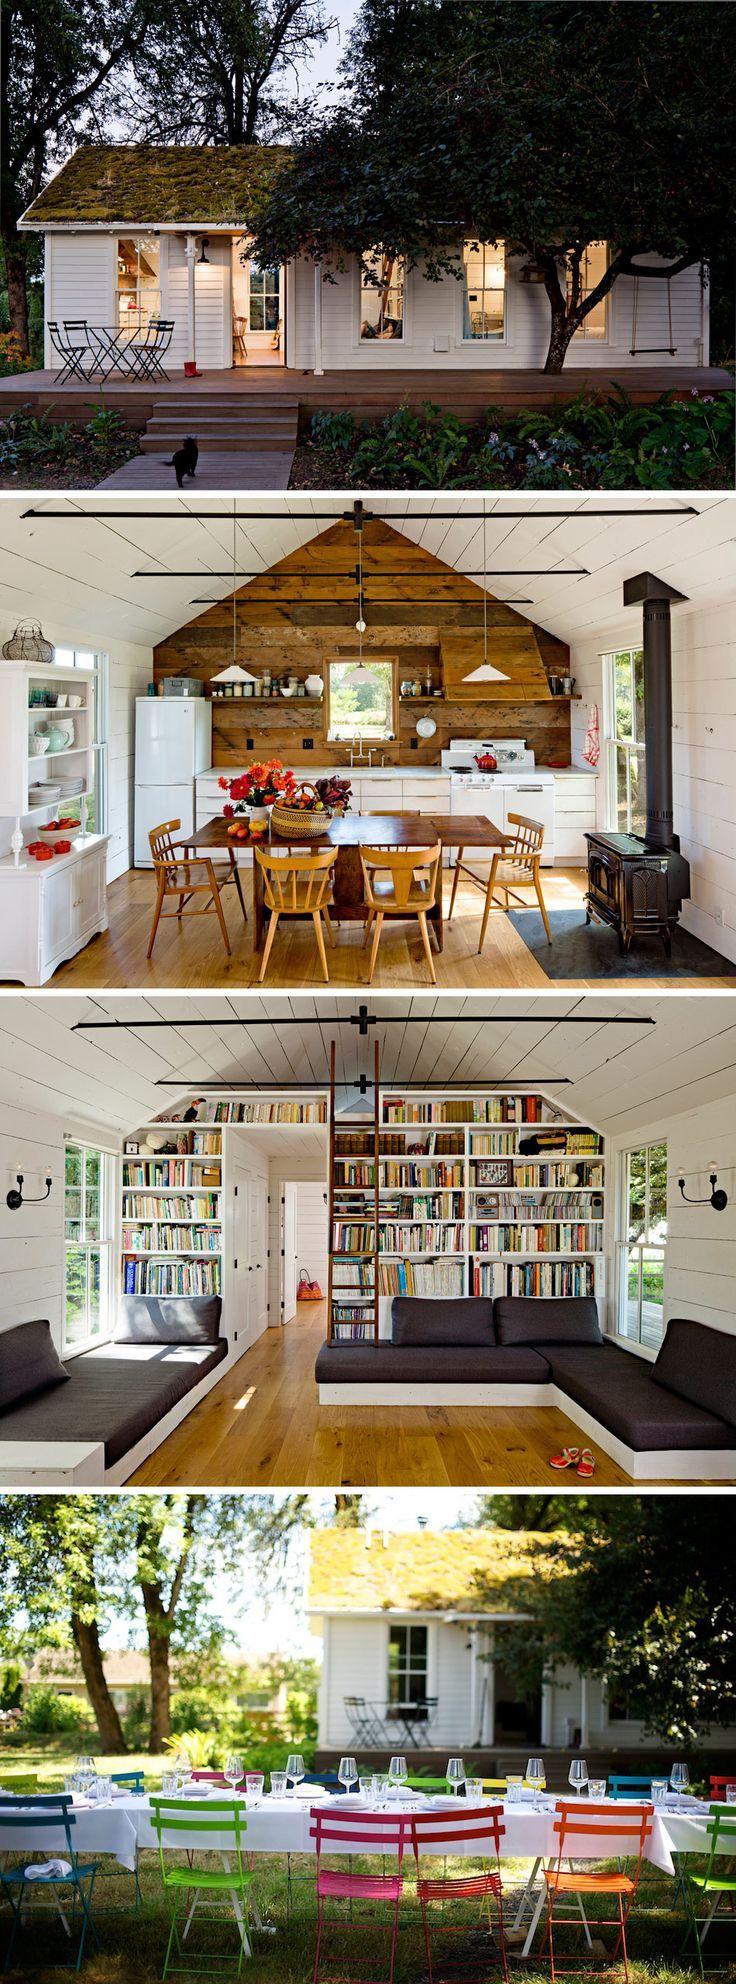 Mein Lieblings kleines Haus – Ca. 550 Quadratmeter. Fügen Sie einfach einige Sonnenkollektoren auf dem Dach hinzu, und es ist gut zu gehen! | kokodekoko.site #tinyhome